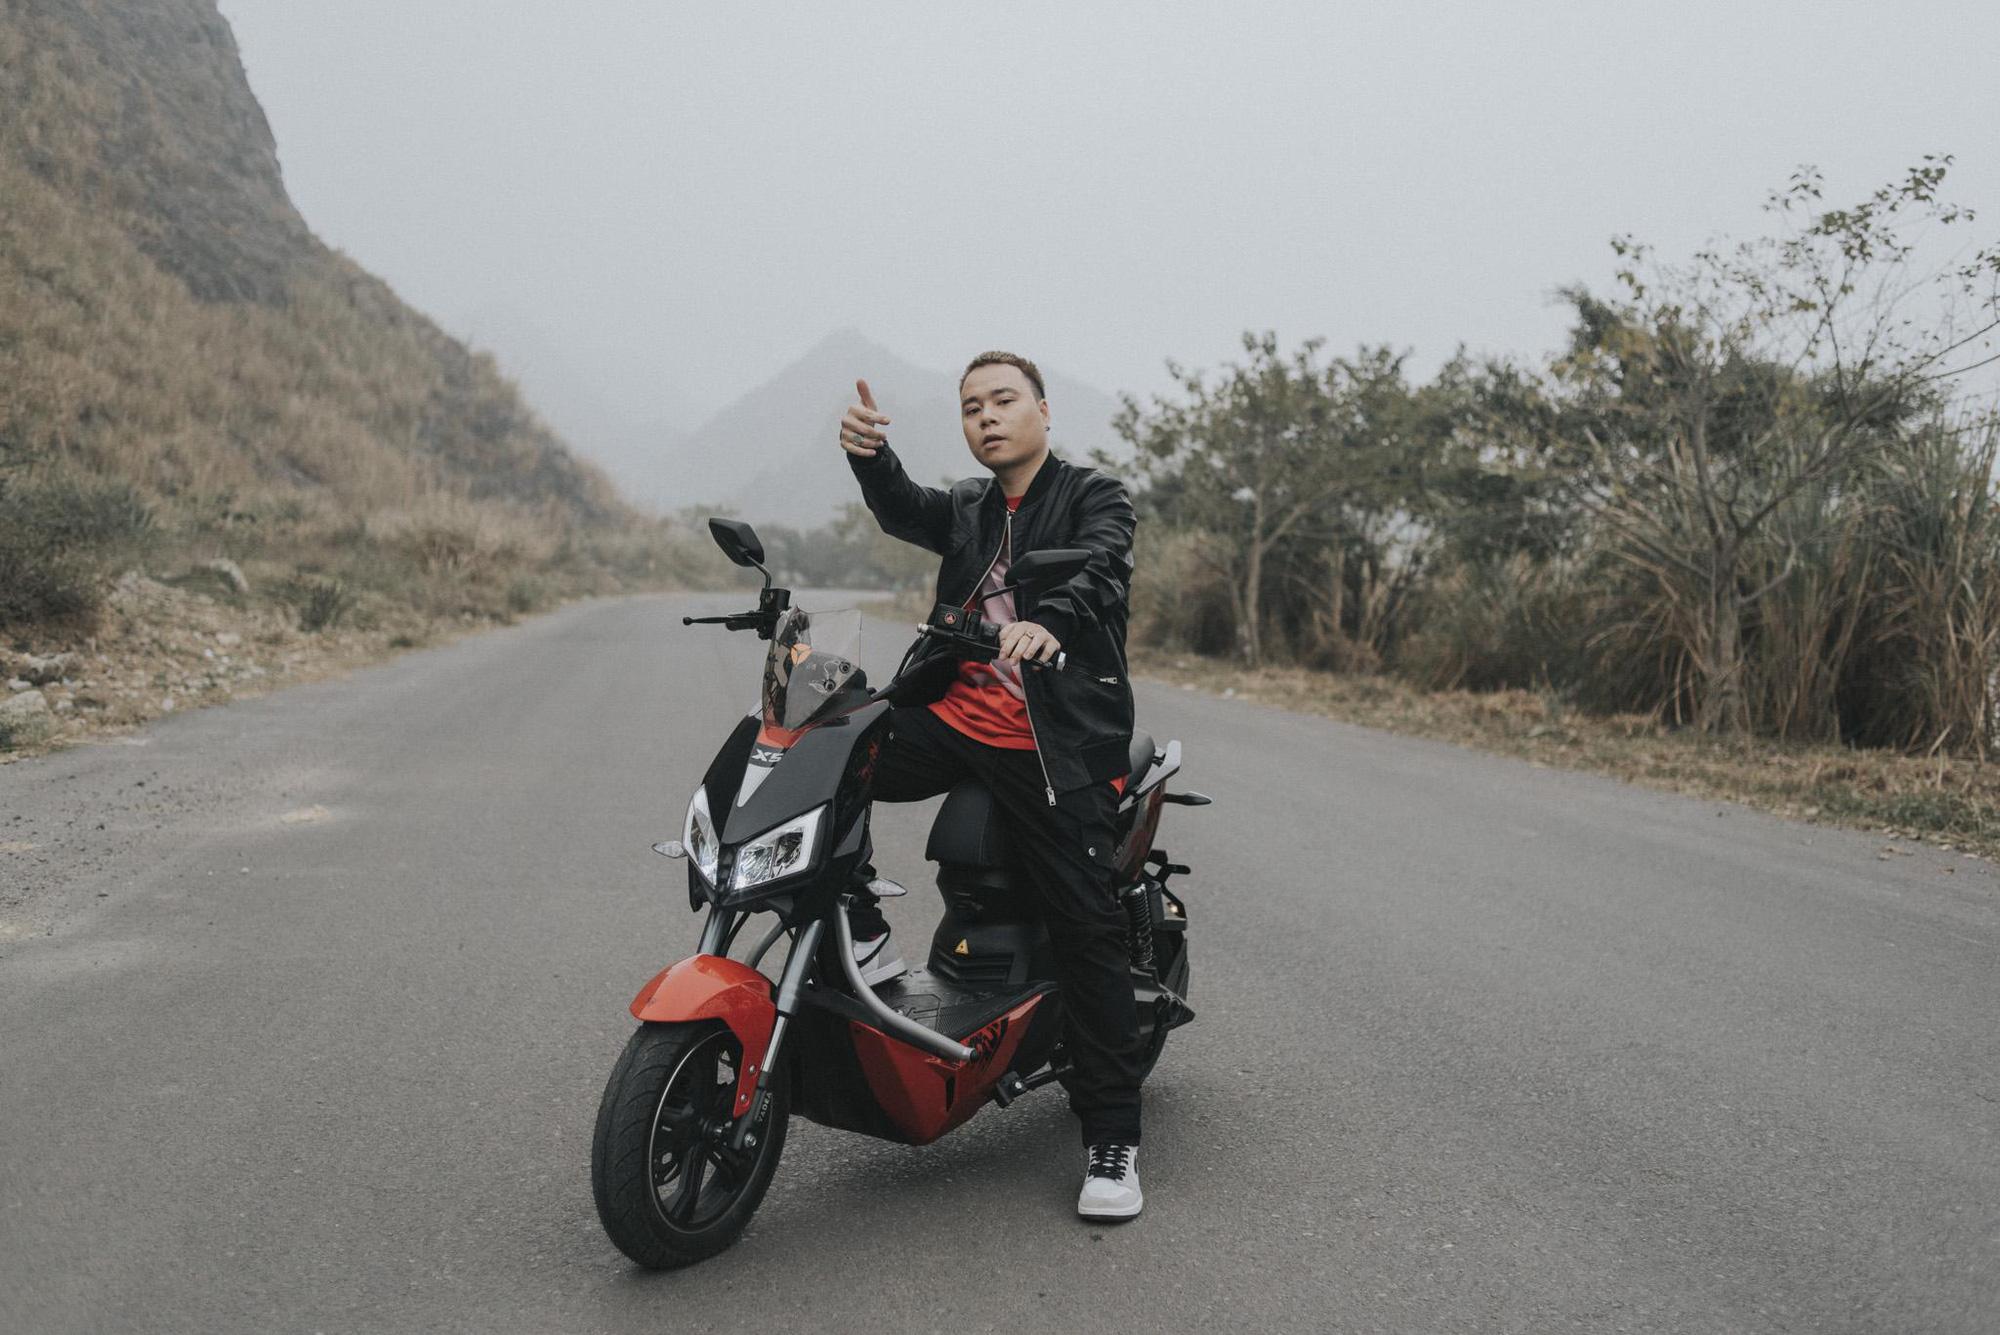 Bình Gold, LOCOBoiz khuấy đảo cộng đồng rap Việt khi mặc cổ phục, độ xe rồng trong MV rap ca trù mới - Ảnh 6.